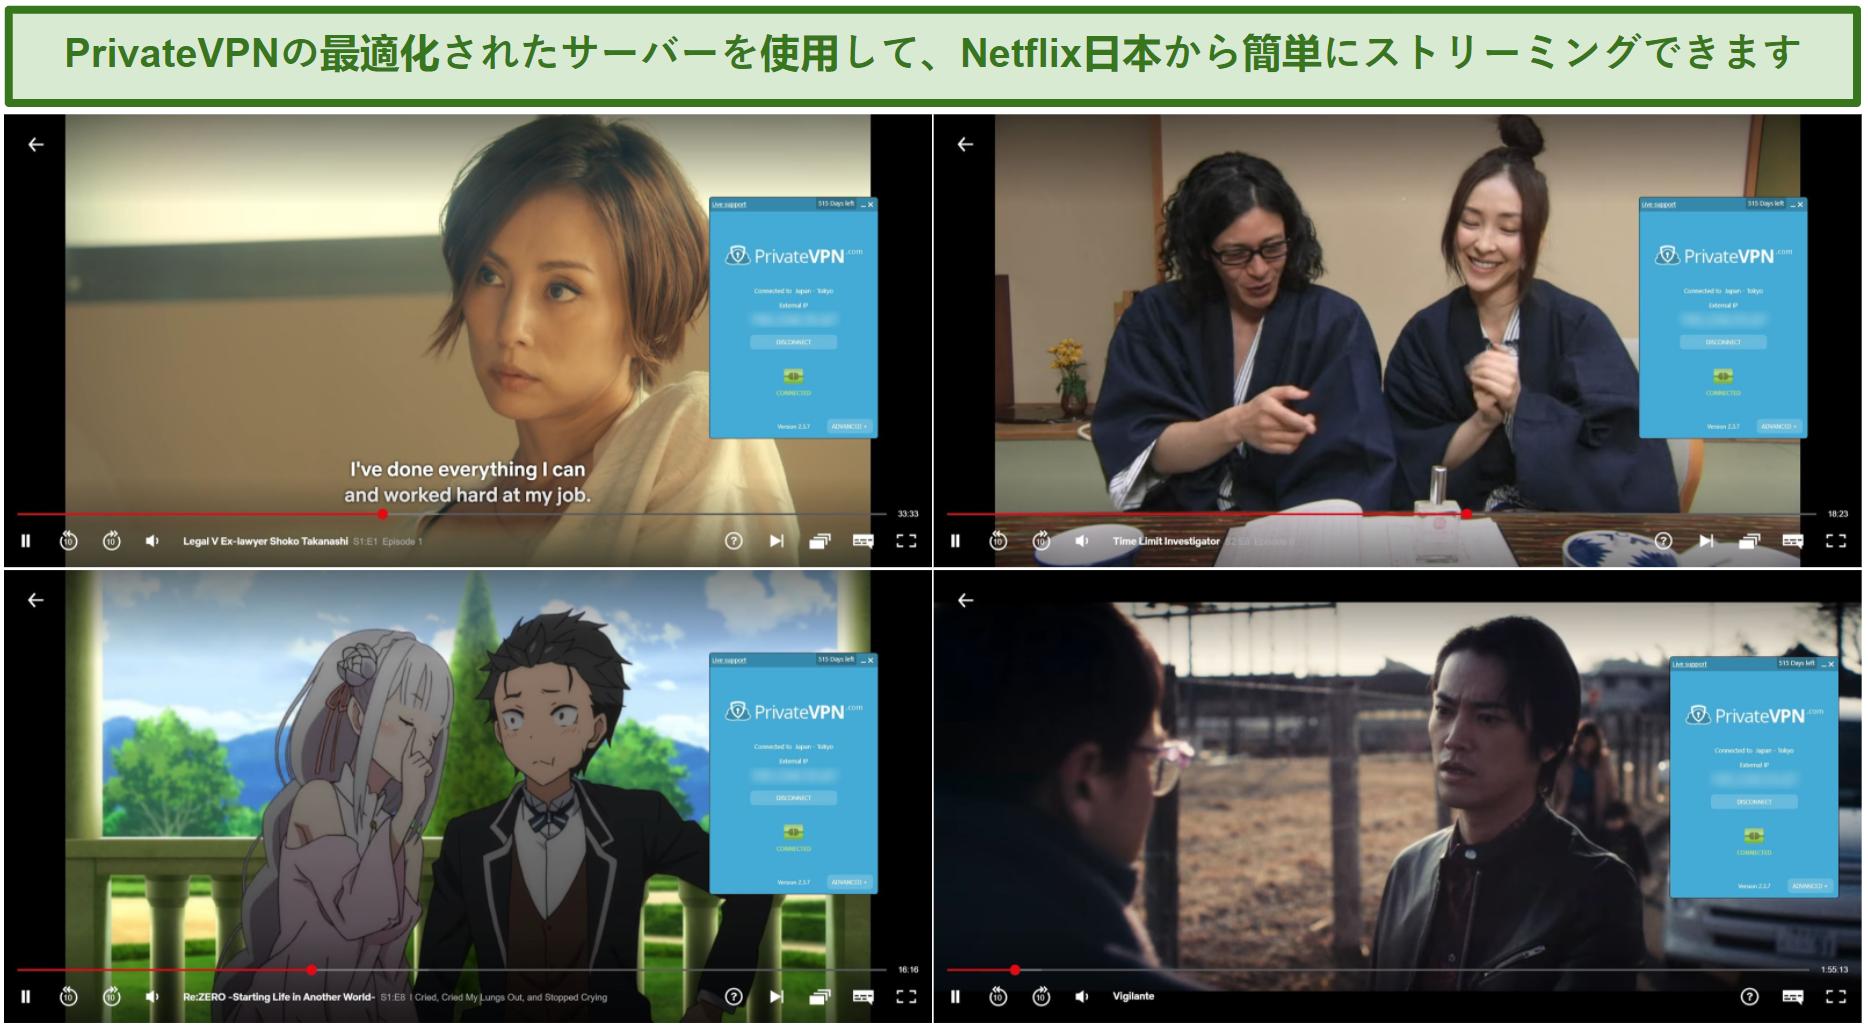 リーガルVのブロックを解除するPrivateVPNのスクリーンショット元弁護士高梨翔子、制限時間調査官、Re:ゼロから始める異世界生活、Netflixジャパンの自警